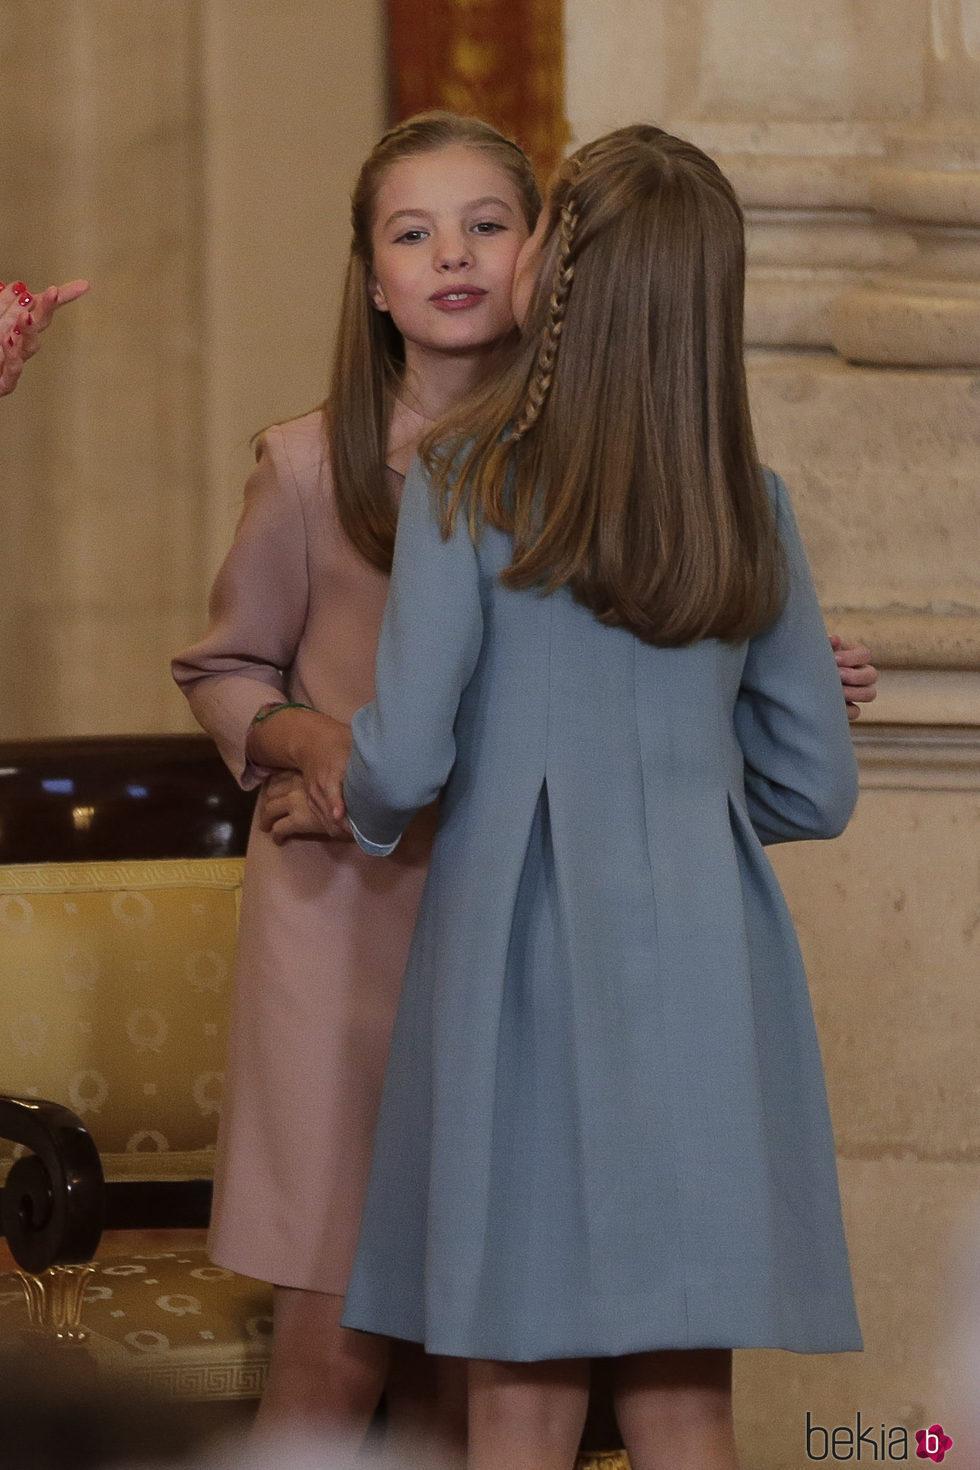 La Princesa Leonor besa a la Infanta Sofía tras recibir el Toisón de Oro